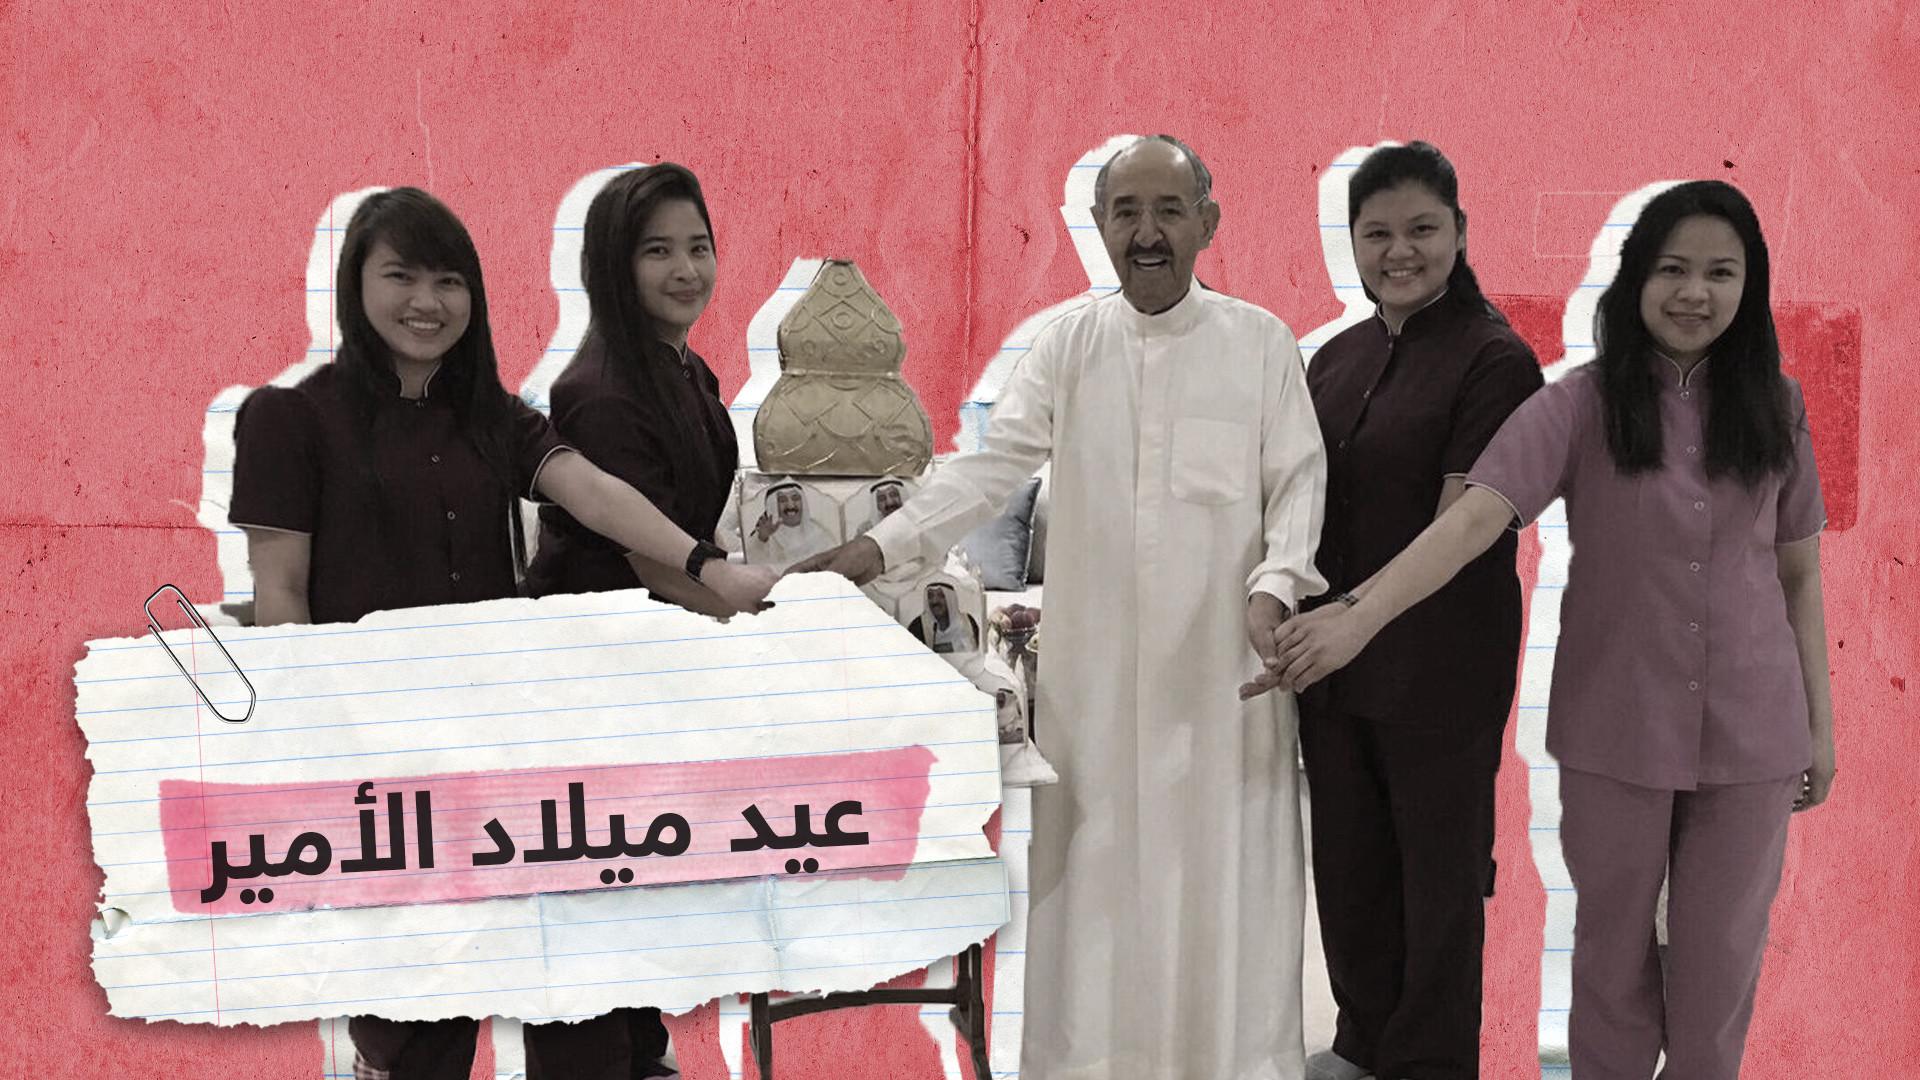 صور أمير الكويت مع الخادمات تثير الجدل